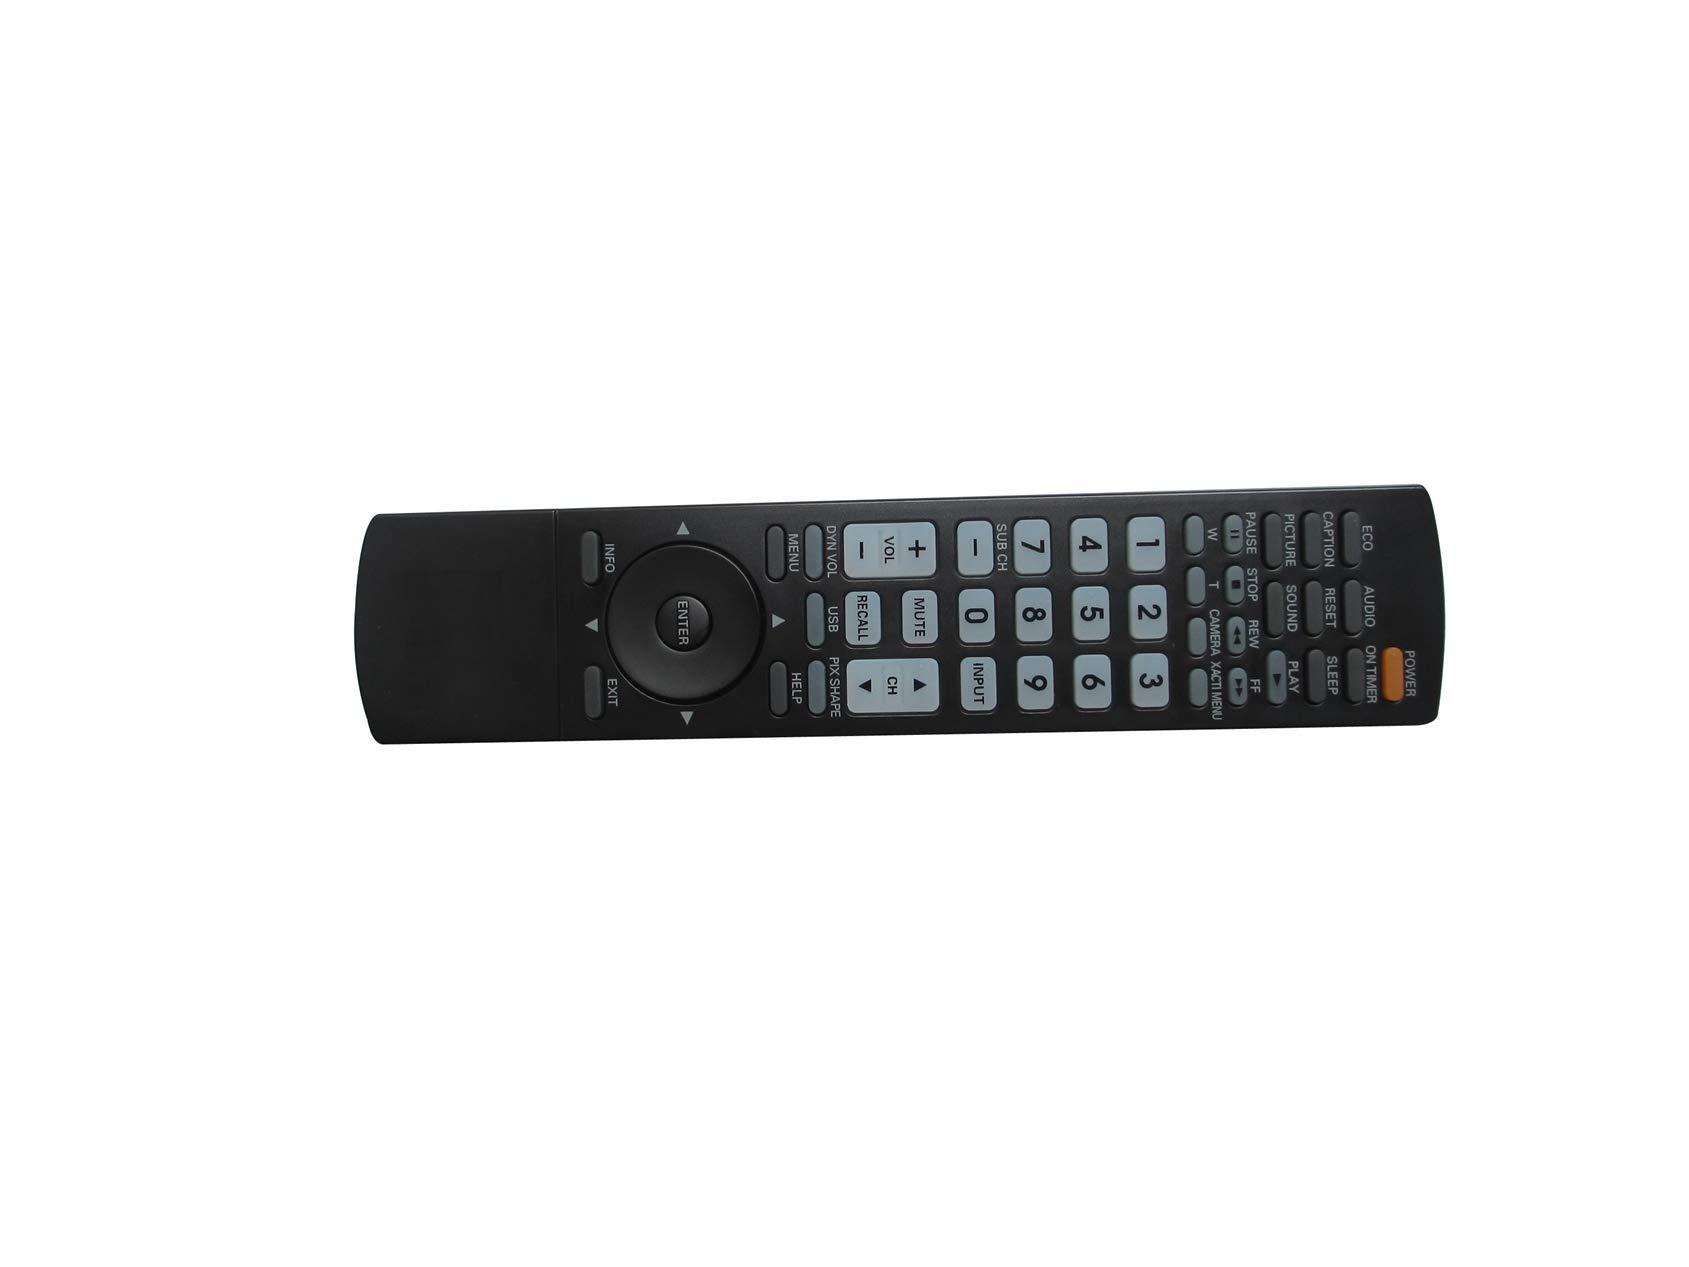 Mando a Distancia Universal de Repuesto para televisores Sanyo AVM-2535U AVM-2553 AVM-2554 AVM-2754 AVM-2755 AVM-2756 CRT LCD LED Plasma HDTV: Amazon.es: Electrónica